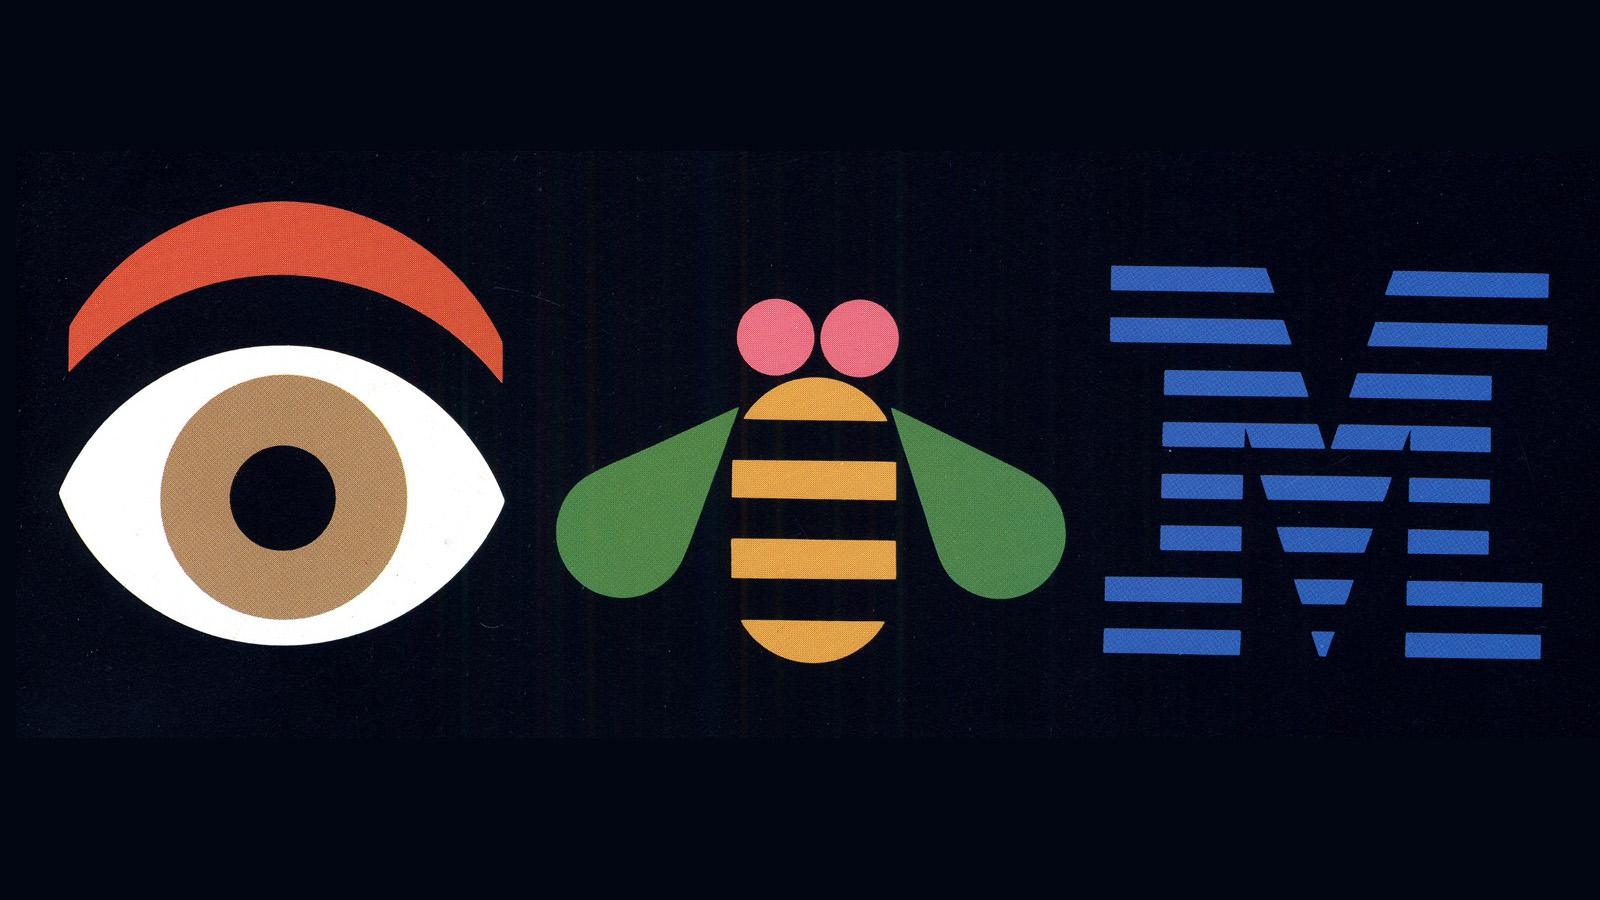 Paul Rand's IBM rebus, 1988